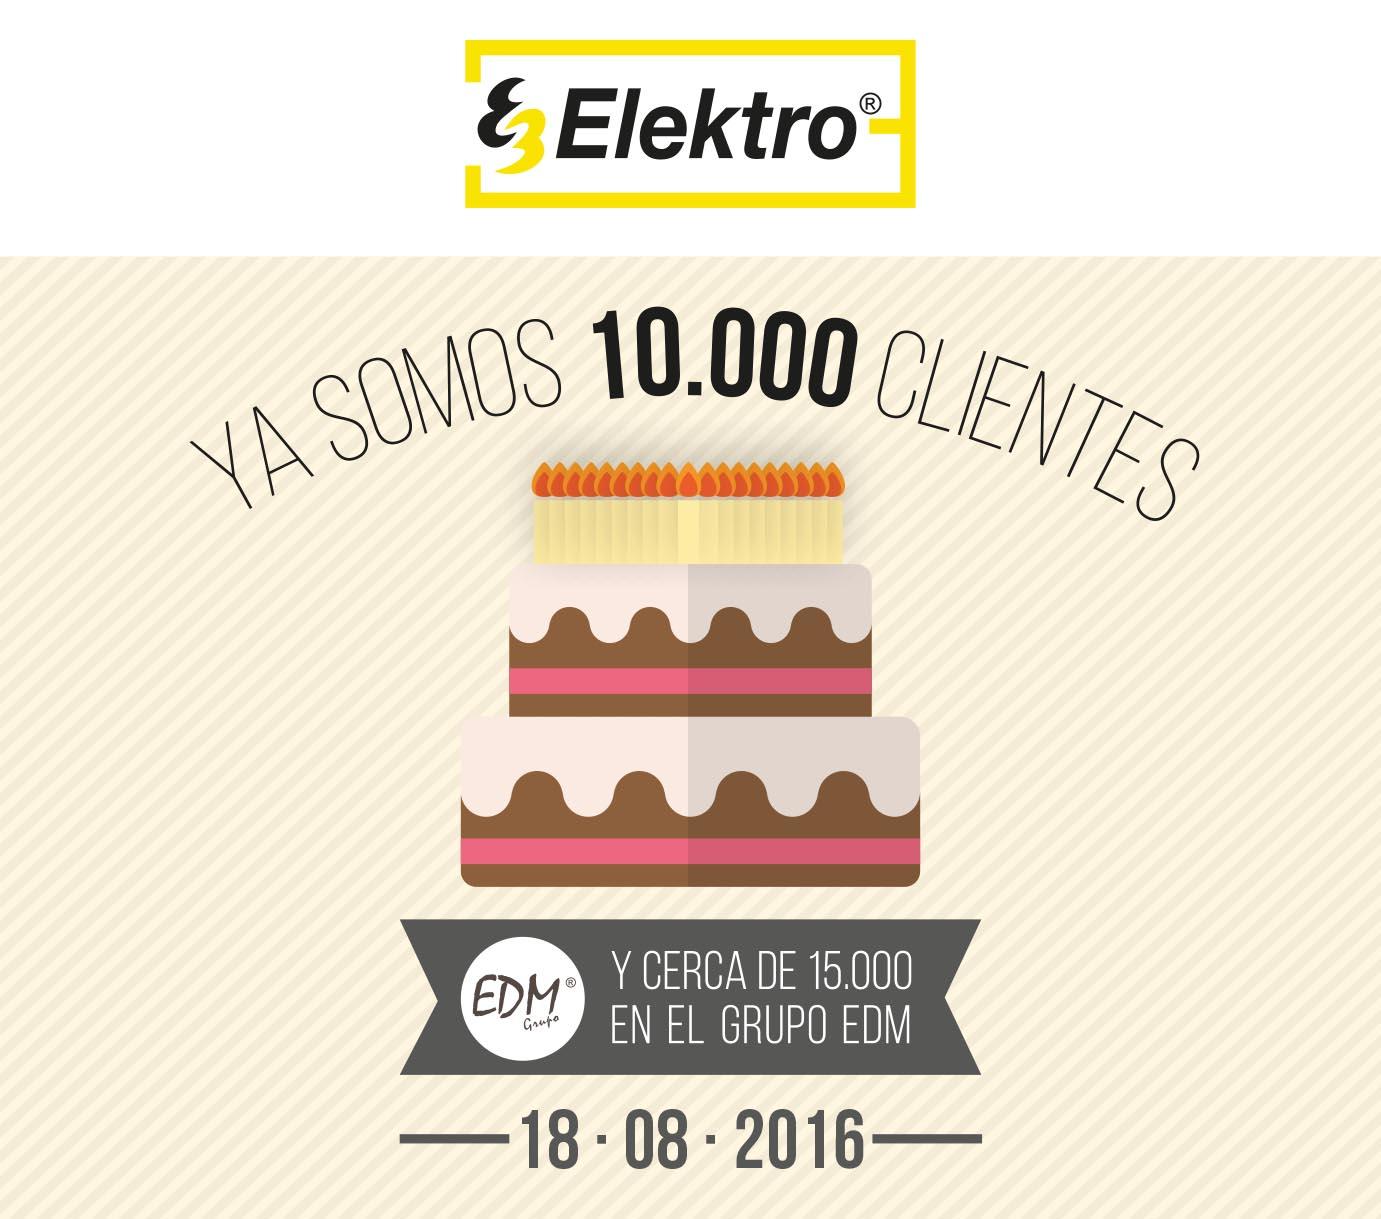 Graças aos nossos 10.000 10.000 clientes !!!